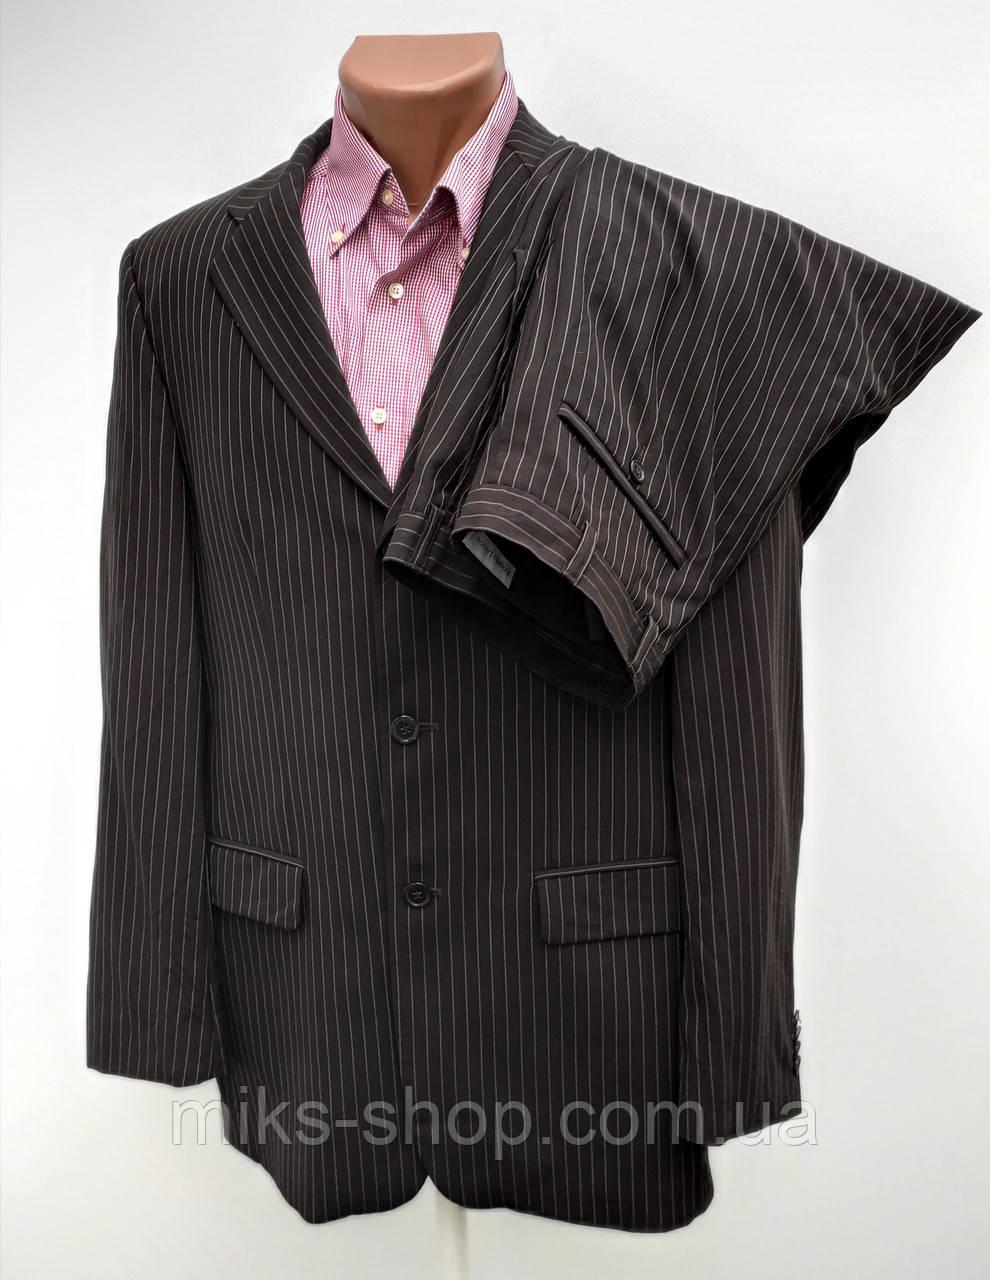 Діловий костюм розмір 46 ( С-34)